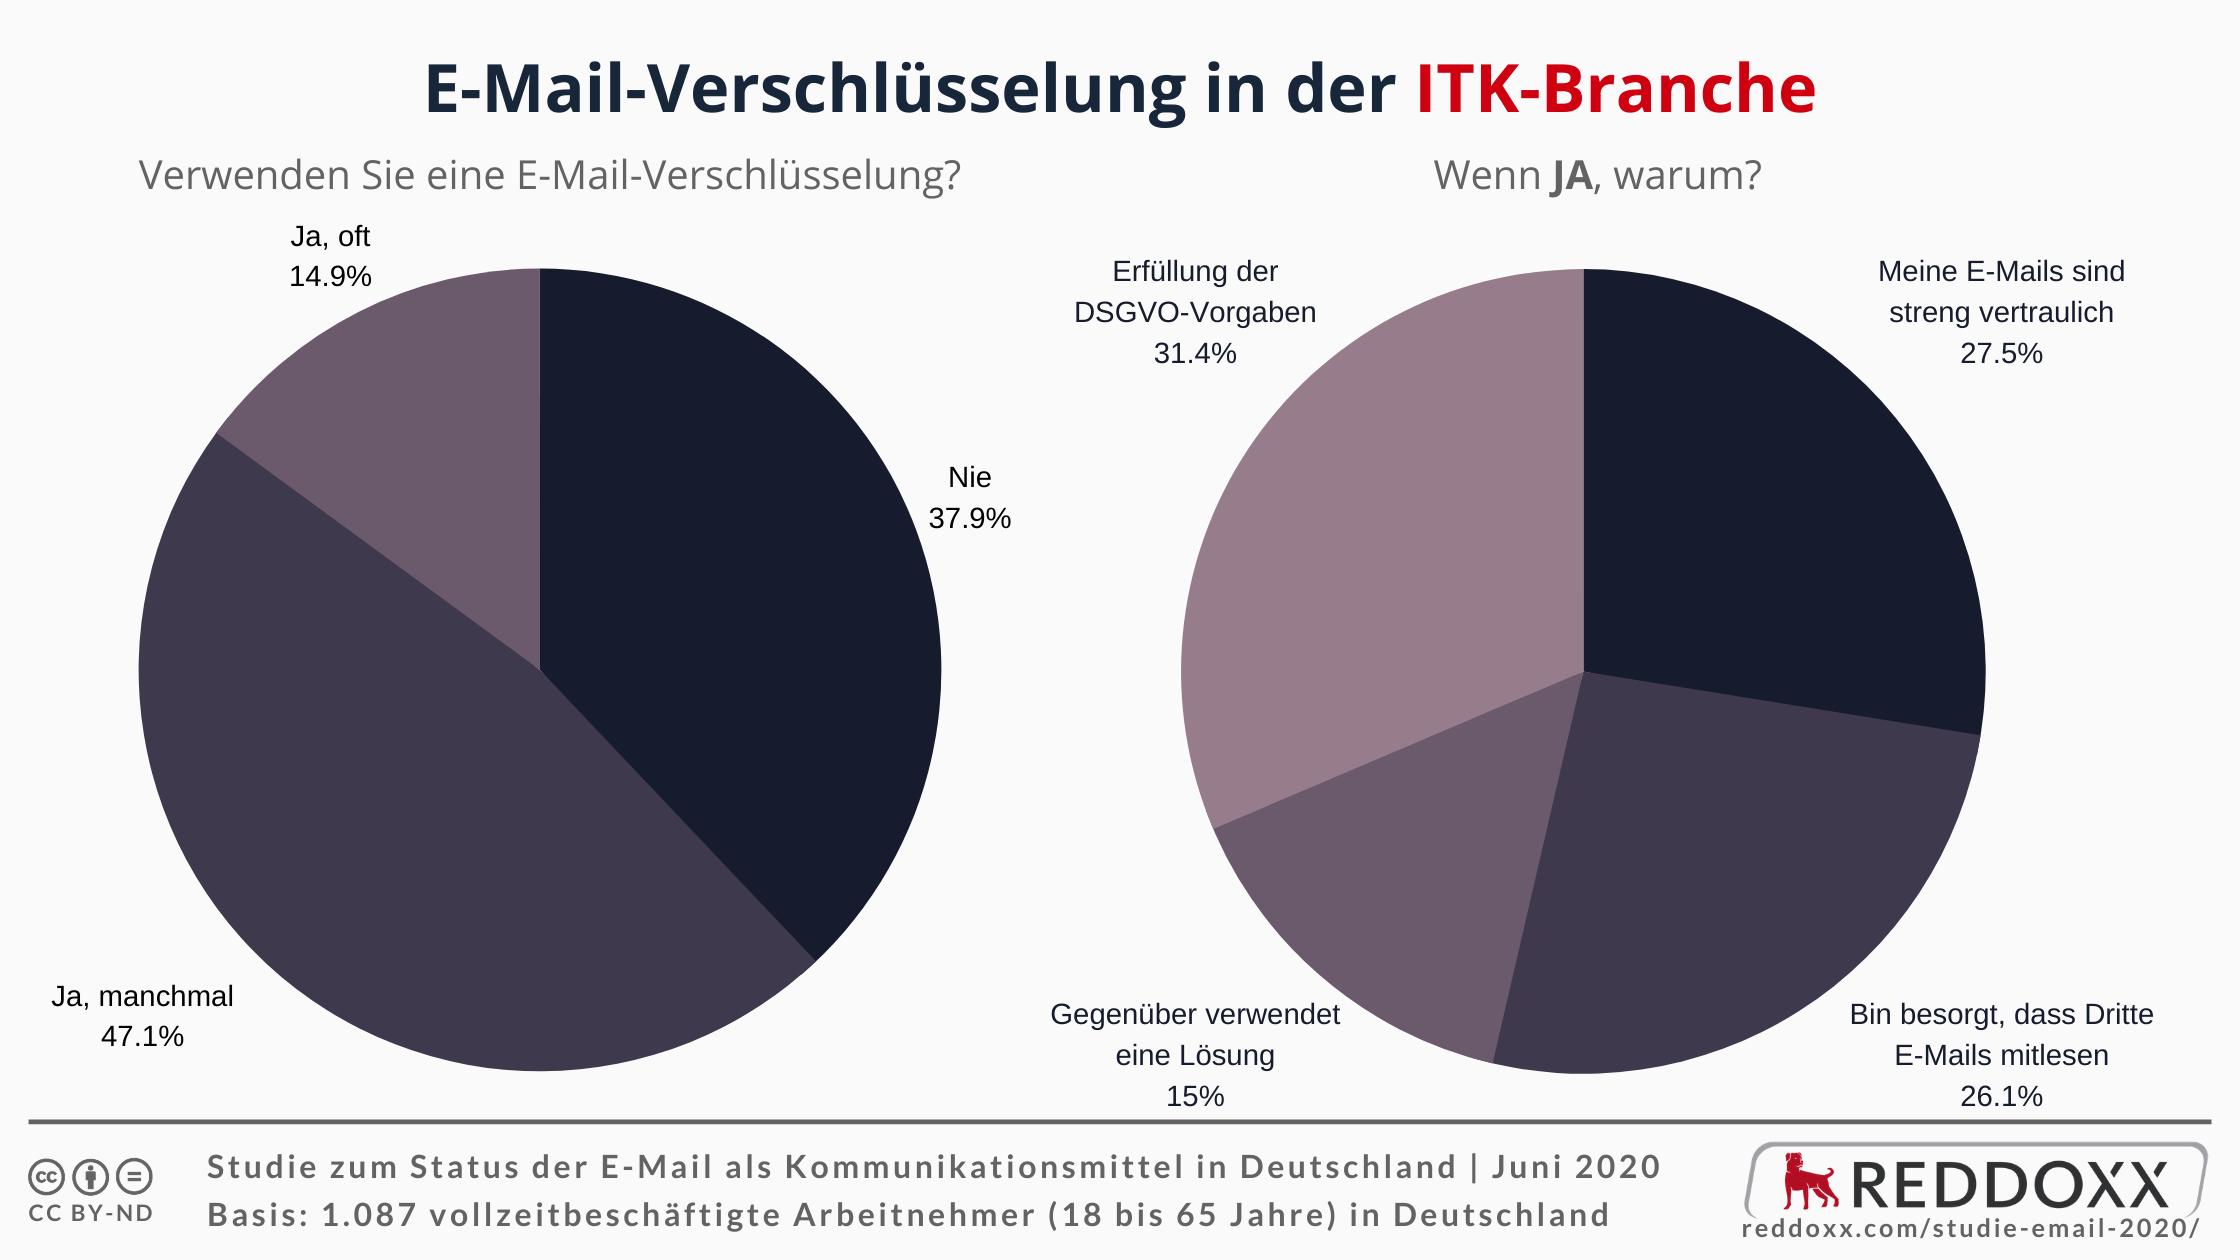 E-Mail-Verschlüsselung in der ITK-Branche - JA